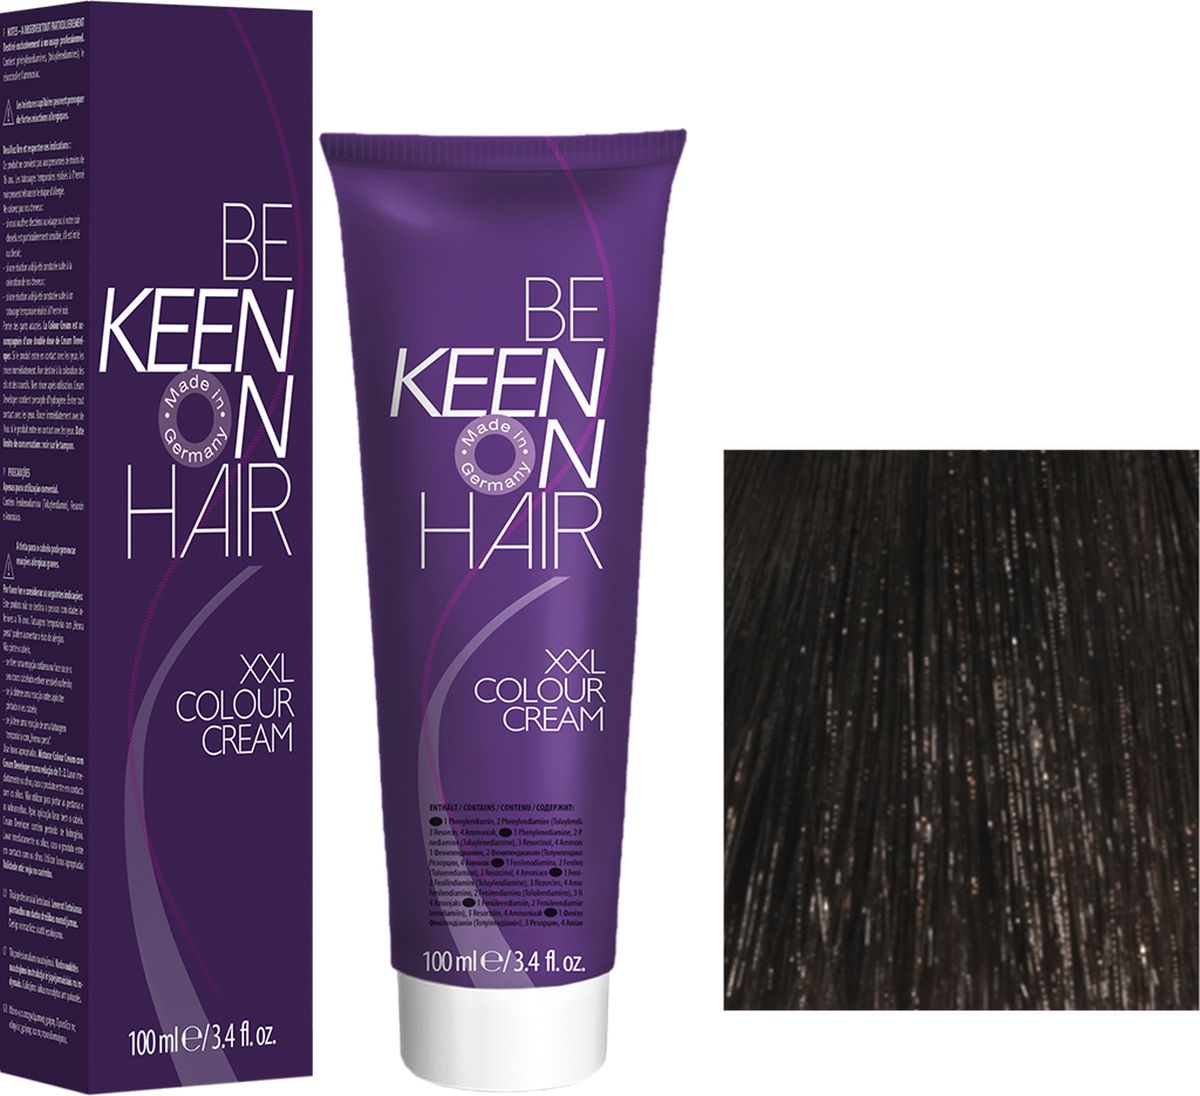 Keen Краска для волос 4.0 Коричневый Mittelbraun, 100 мл69100011Модные оттенкиБолее 100 оттенков для креативной комбинации цветов.ЭкономичностьПри использовании тюбика 100 мл вы получаете оптимальное соотношение цены и качества!УходМолочный белок поддерживает структуру волоса во время окрашивания и придает волосам блеск и шелковистость. Протеины хорошо встраиваются в волосы и снабжают их влагой.